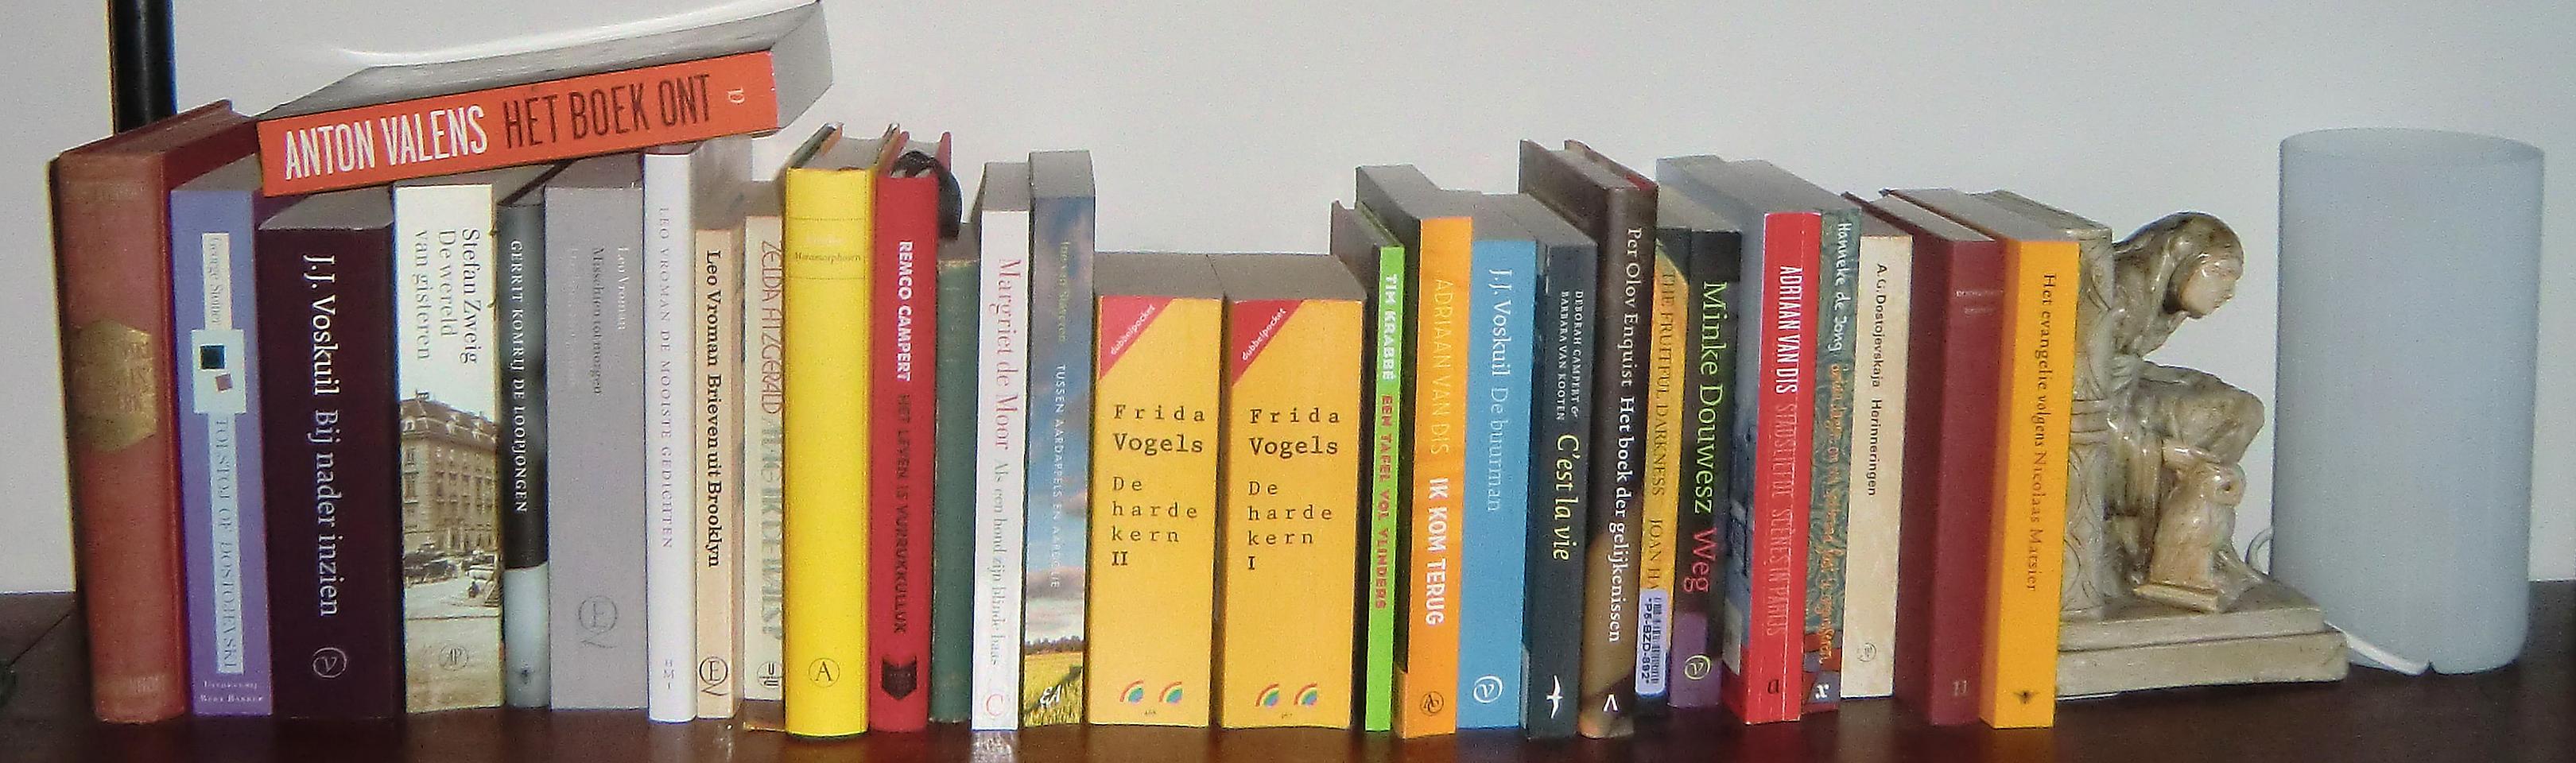 Boekenplank Met Boeken.De Tiende Plank Heldenreis